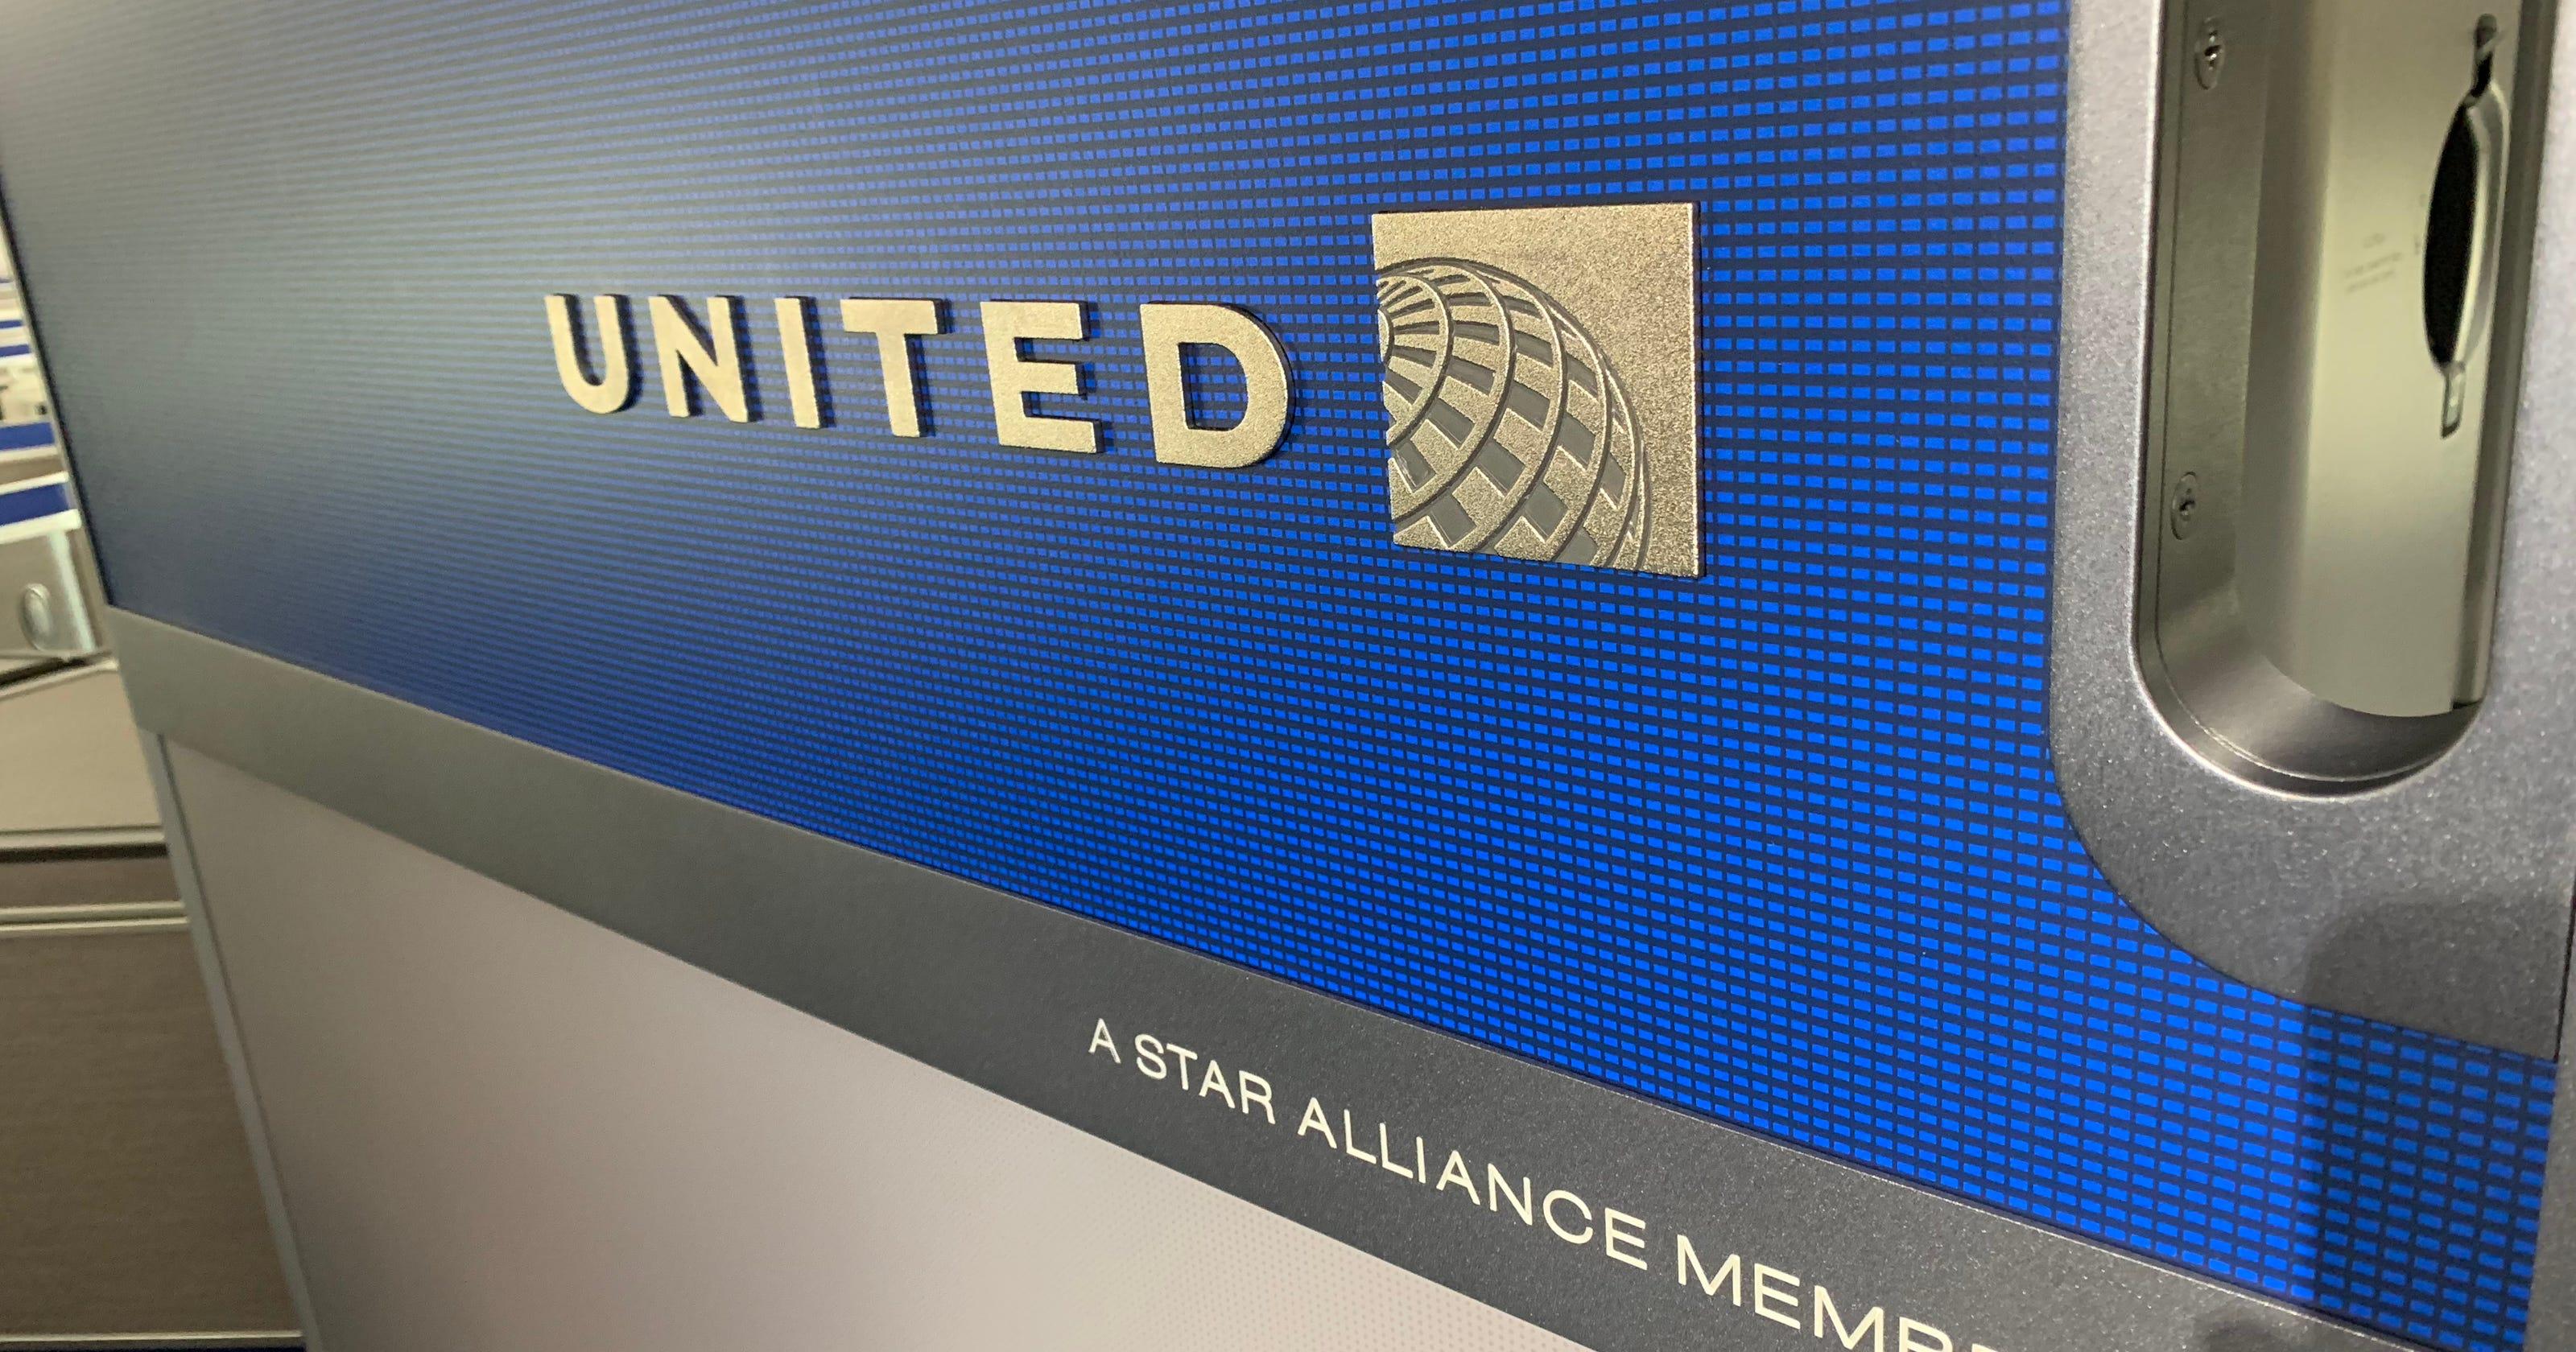 Resultado de imagen para United Airlines brand new look